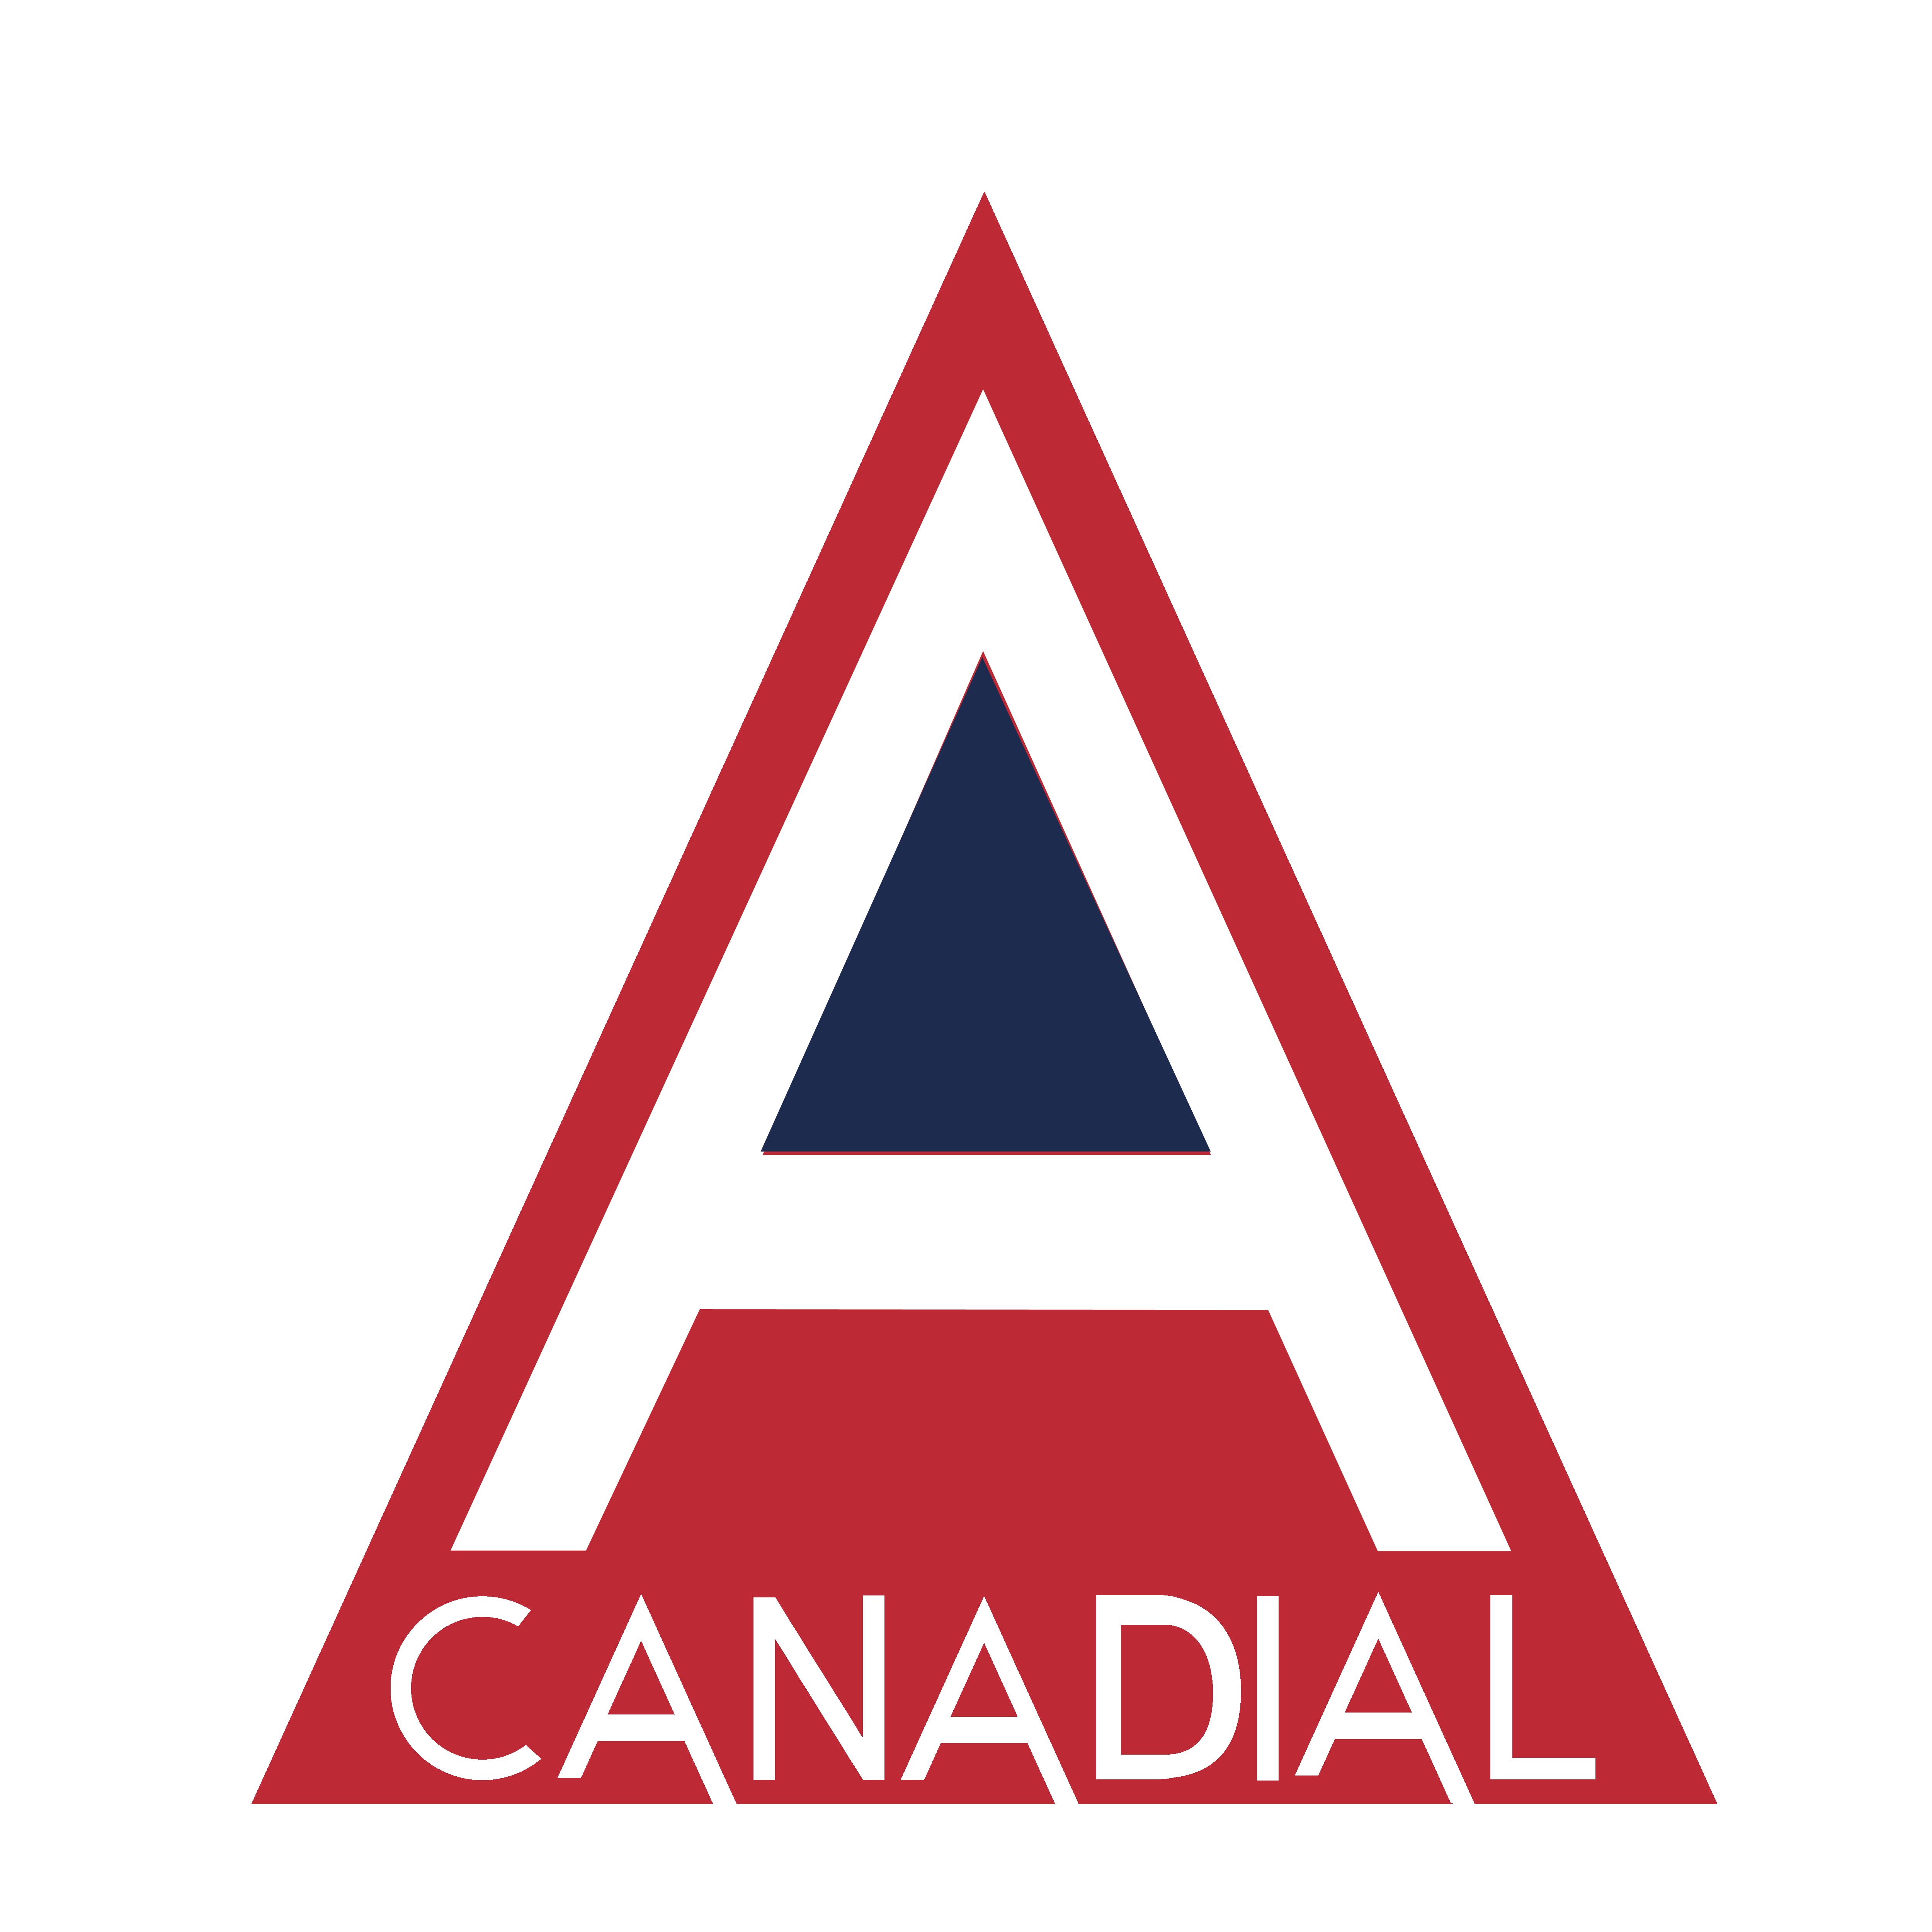 canadial Logo_solution ADIAL au Canada et amérique du nord - Canadial s'implante en Amérique du Nord